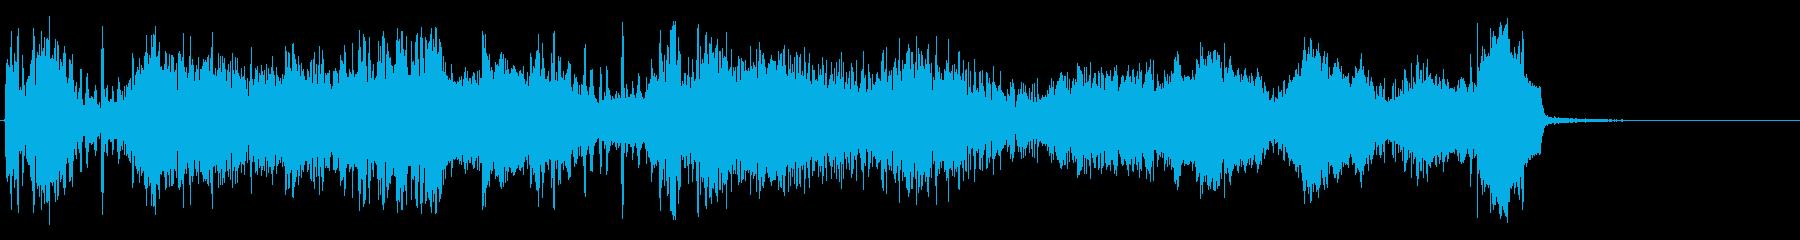 マスコンフュージョンの再生済みの波形